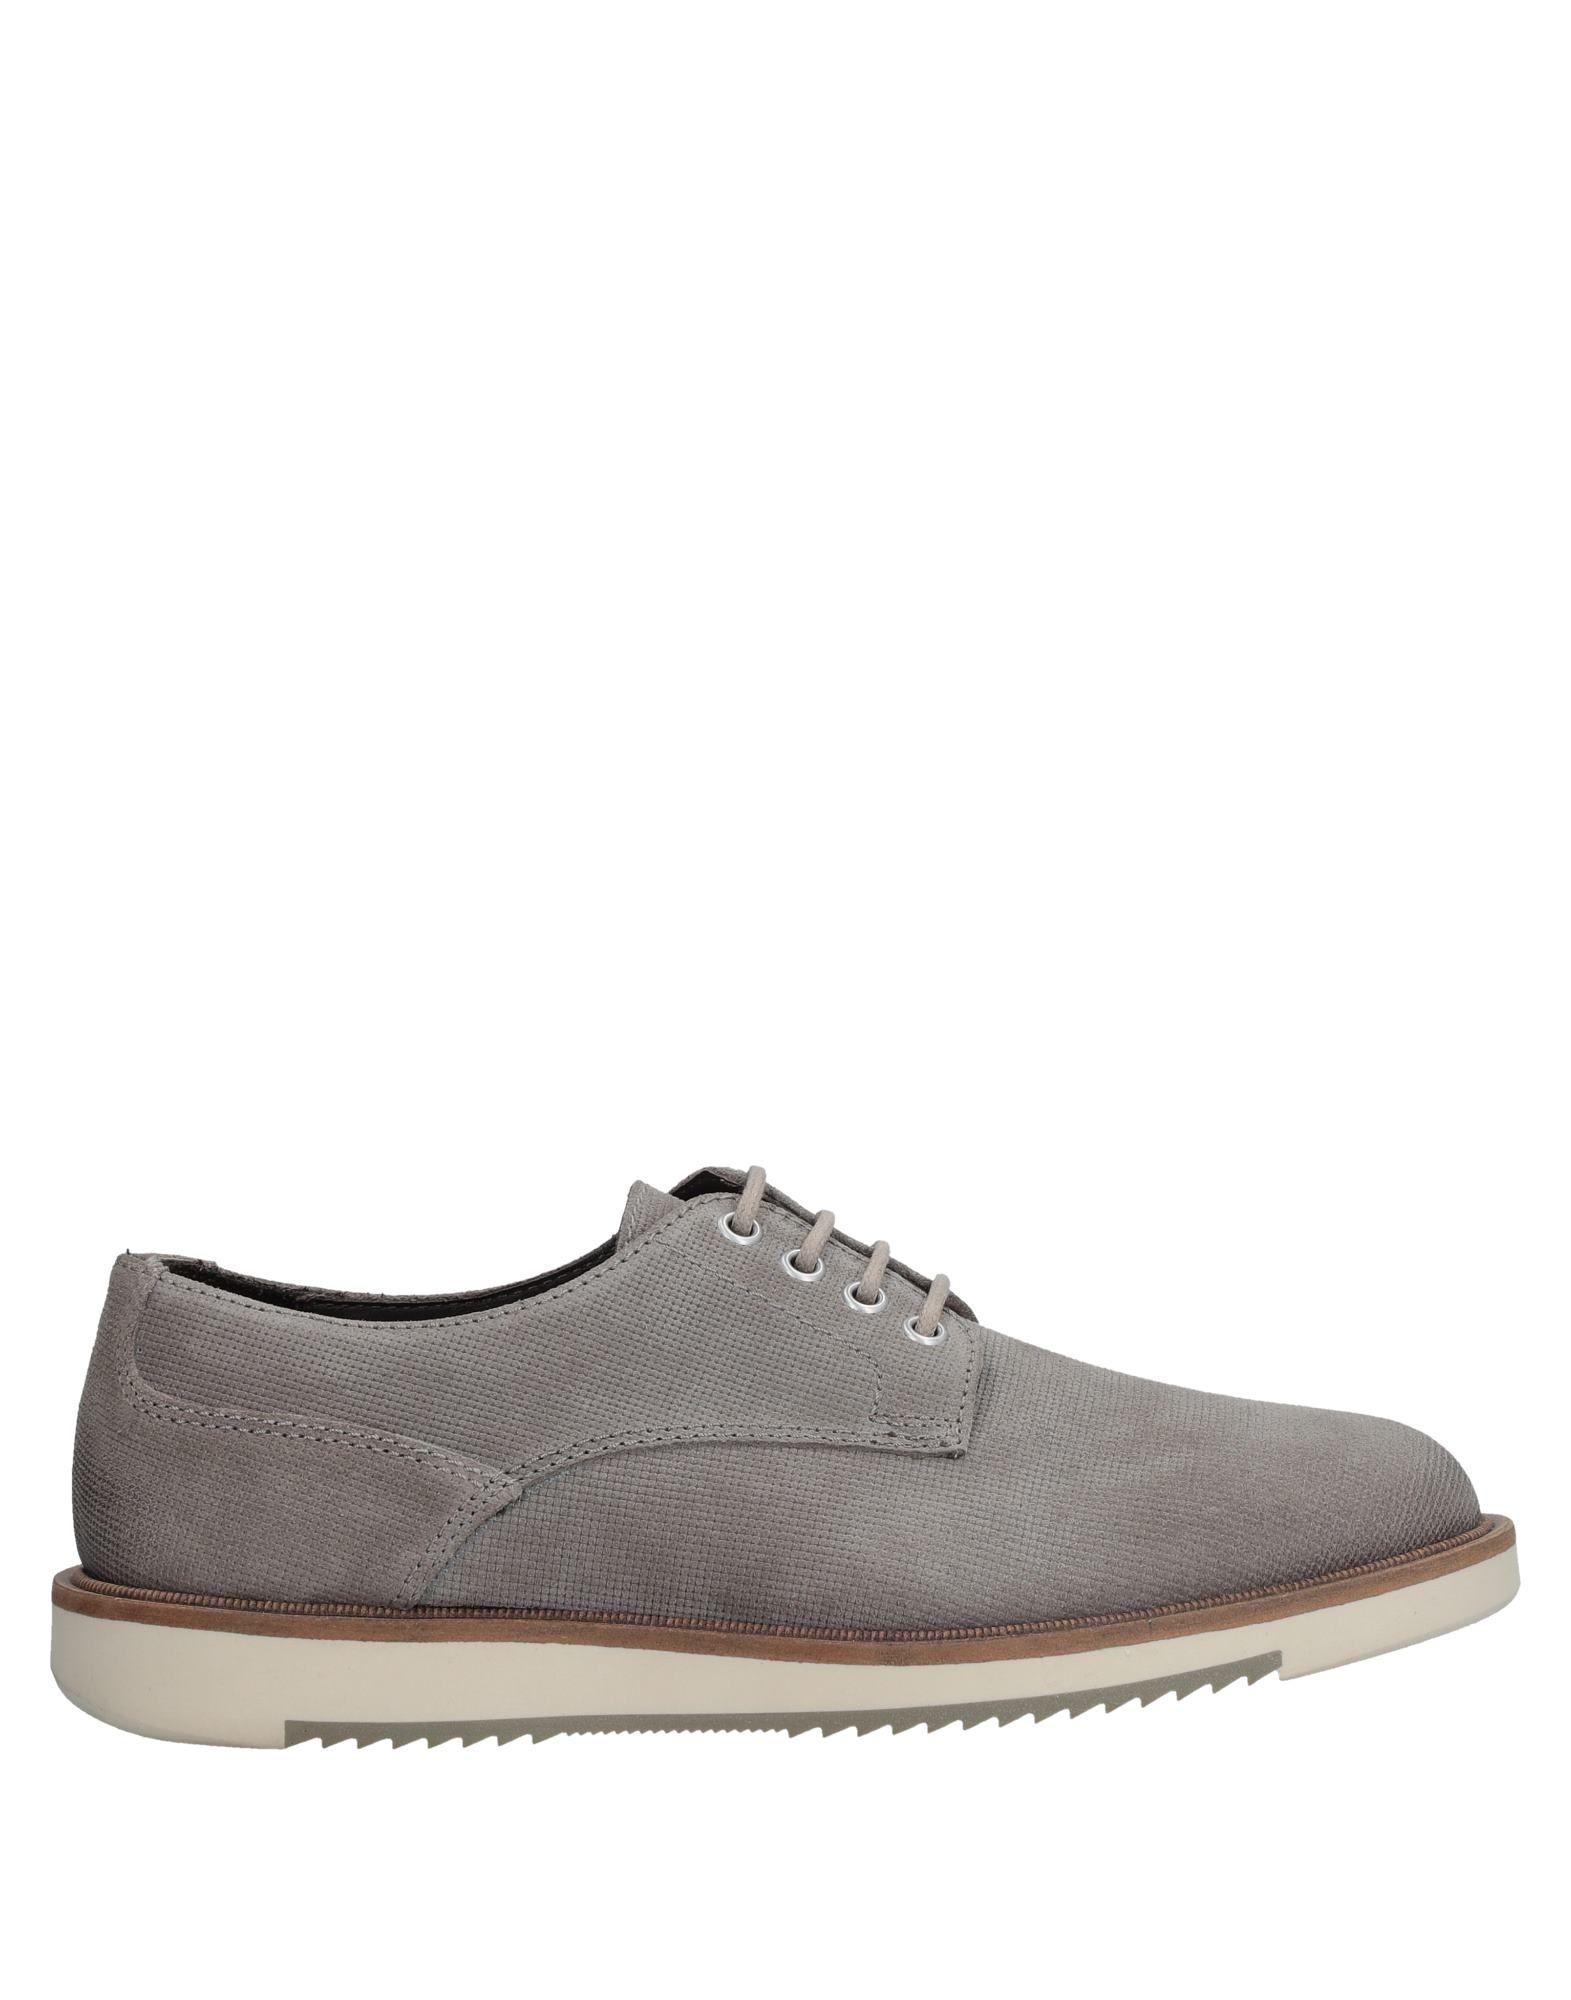 Günstige und modische Schuhe A.Testoni Schnürschuhe Herren  11542507UO